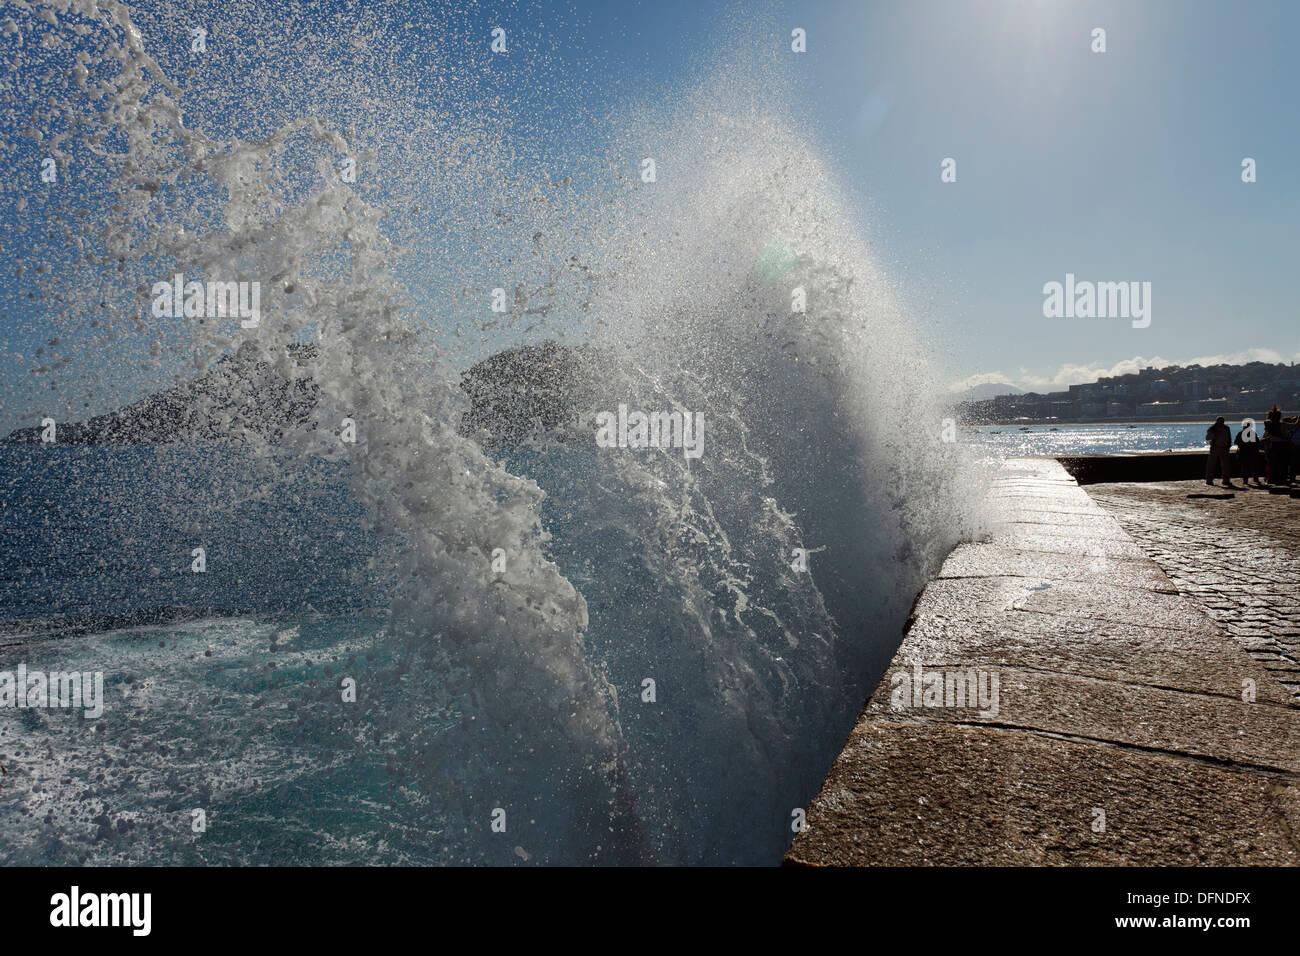 Breaking wave at the seaside promenade, Paseo del Peine del Viento, seafront, San Sebastian, Donostia, Camino de la Costa, Camin - Stock Image